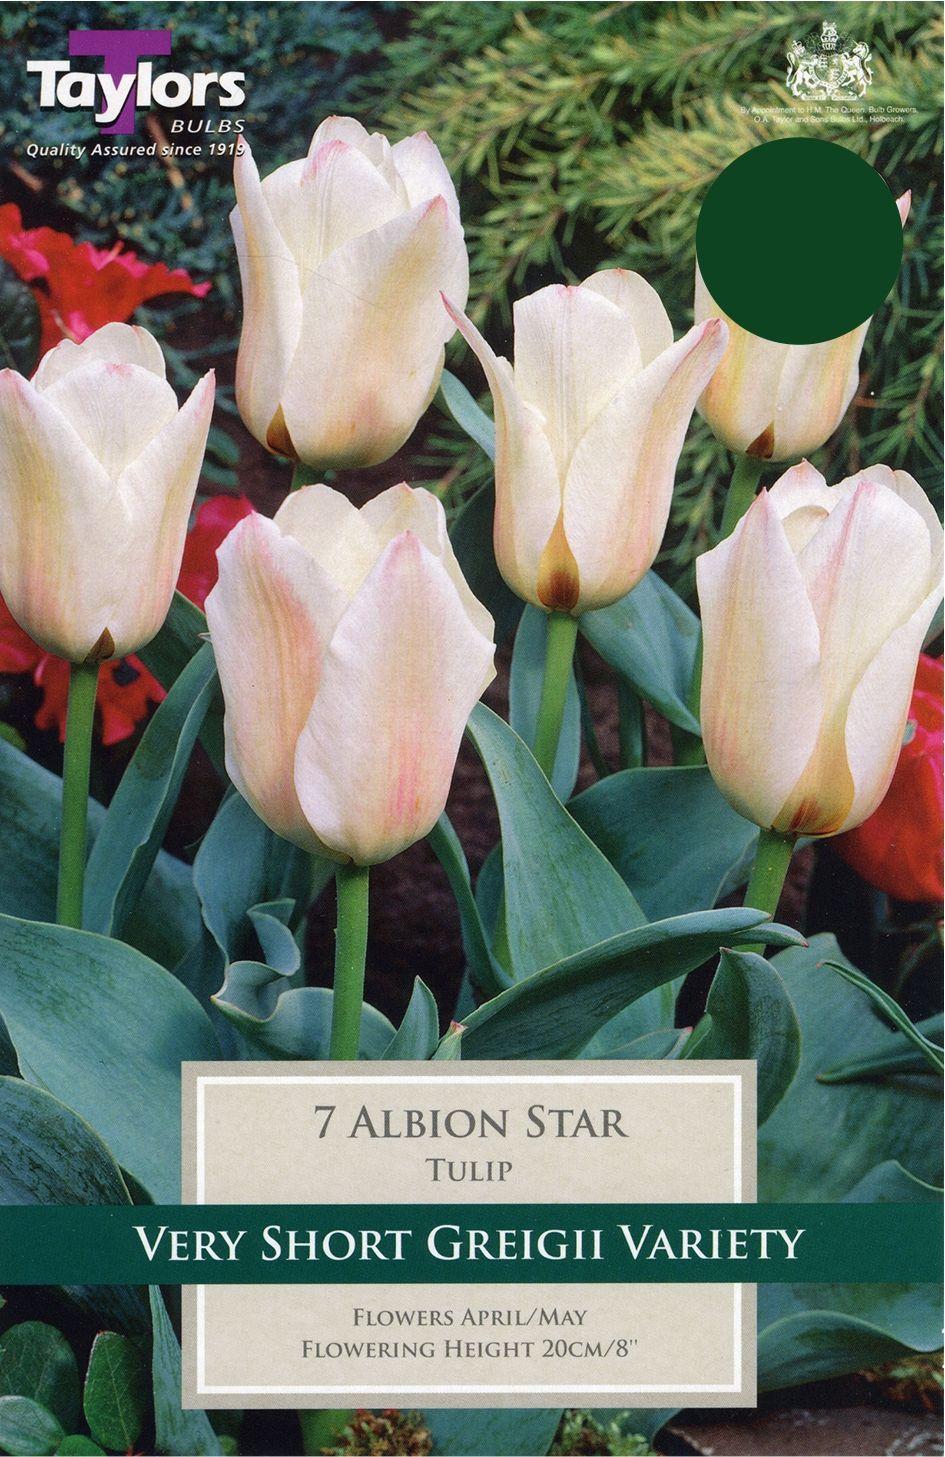 TULIP ALBION STAR